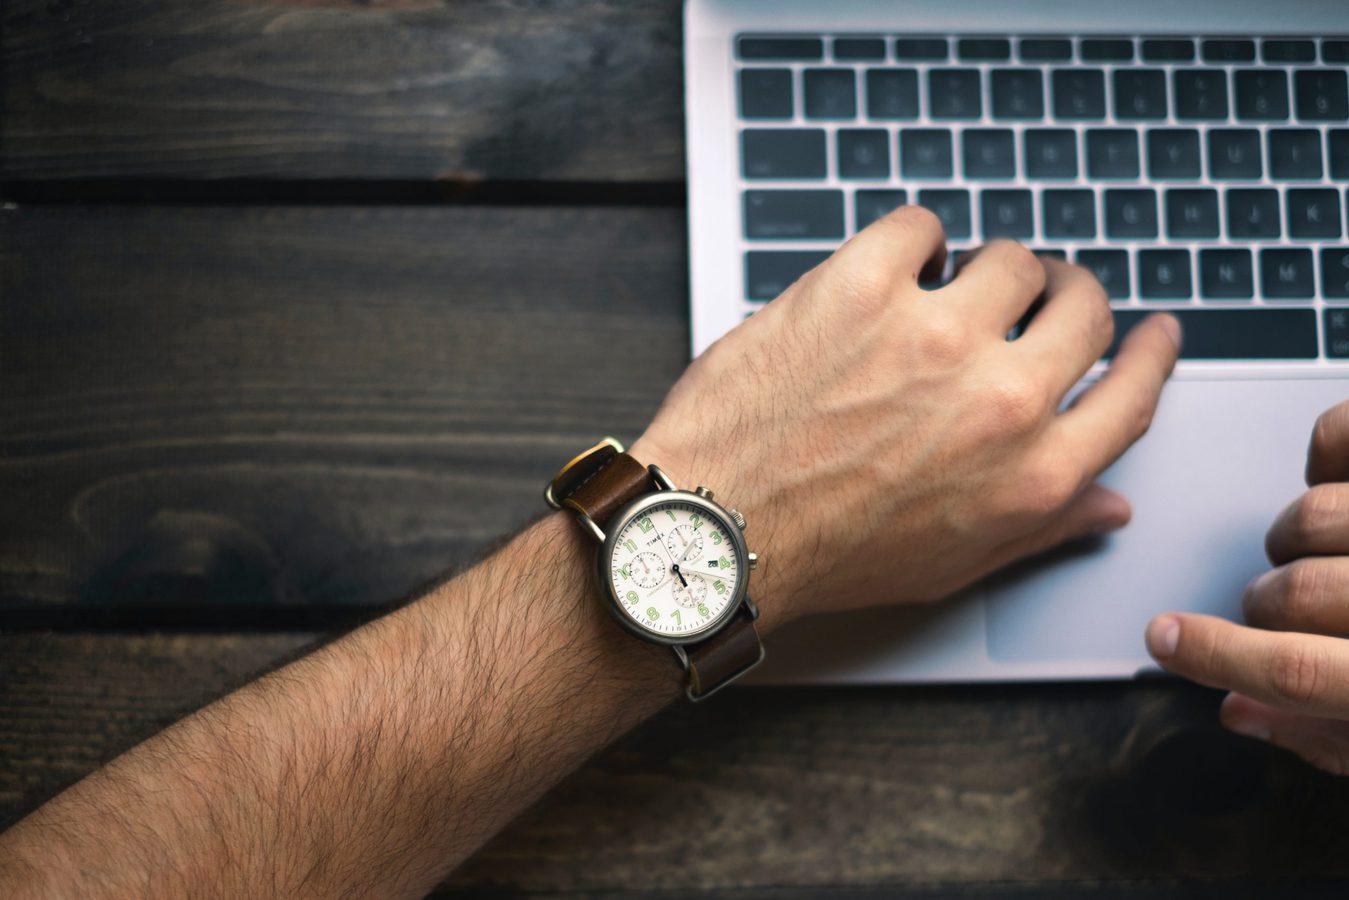 freelance-worker-watch-laptop